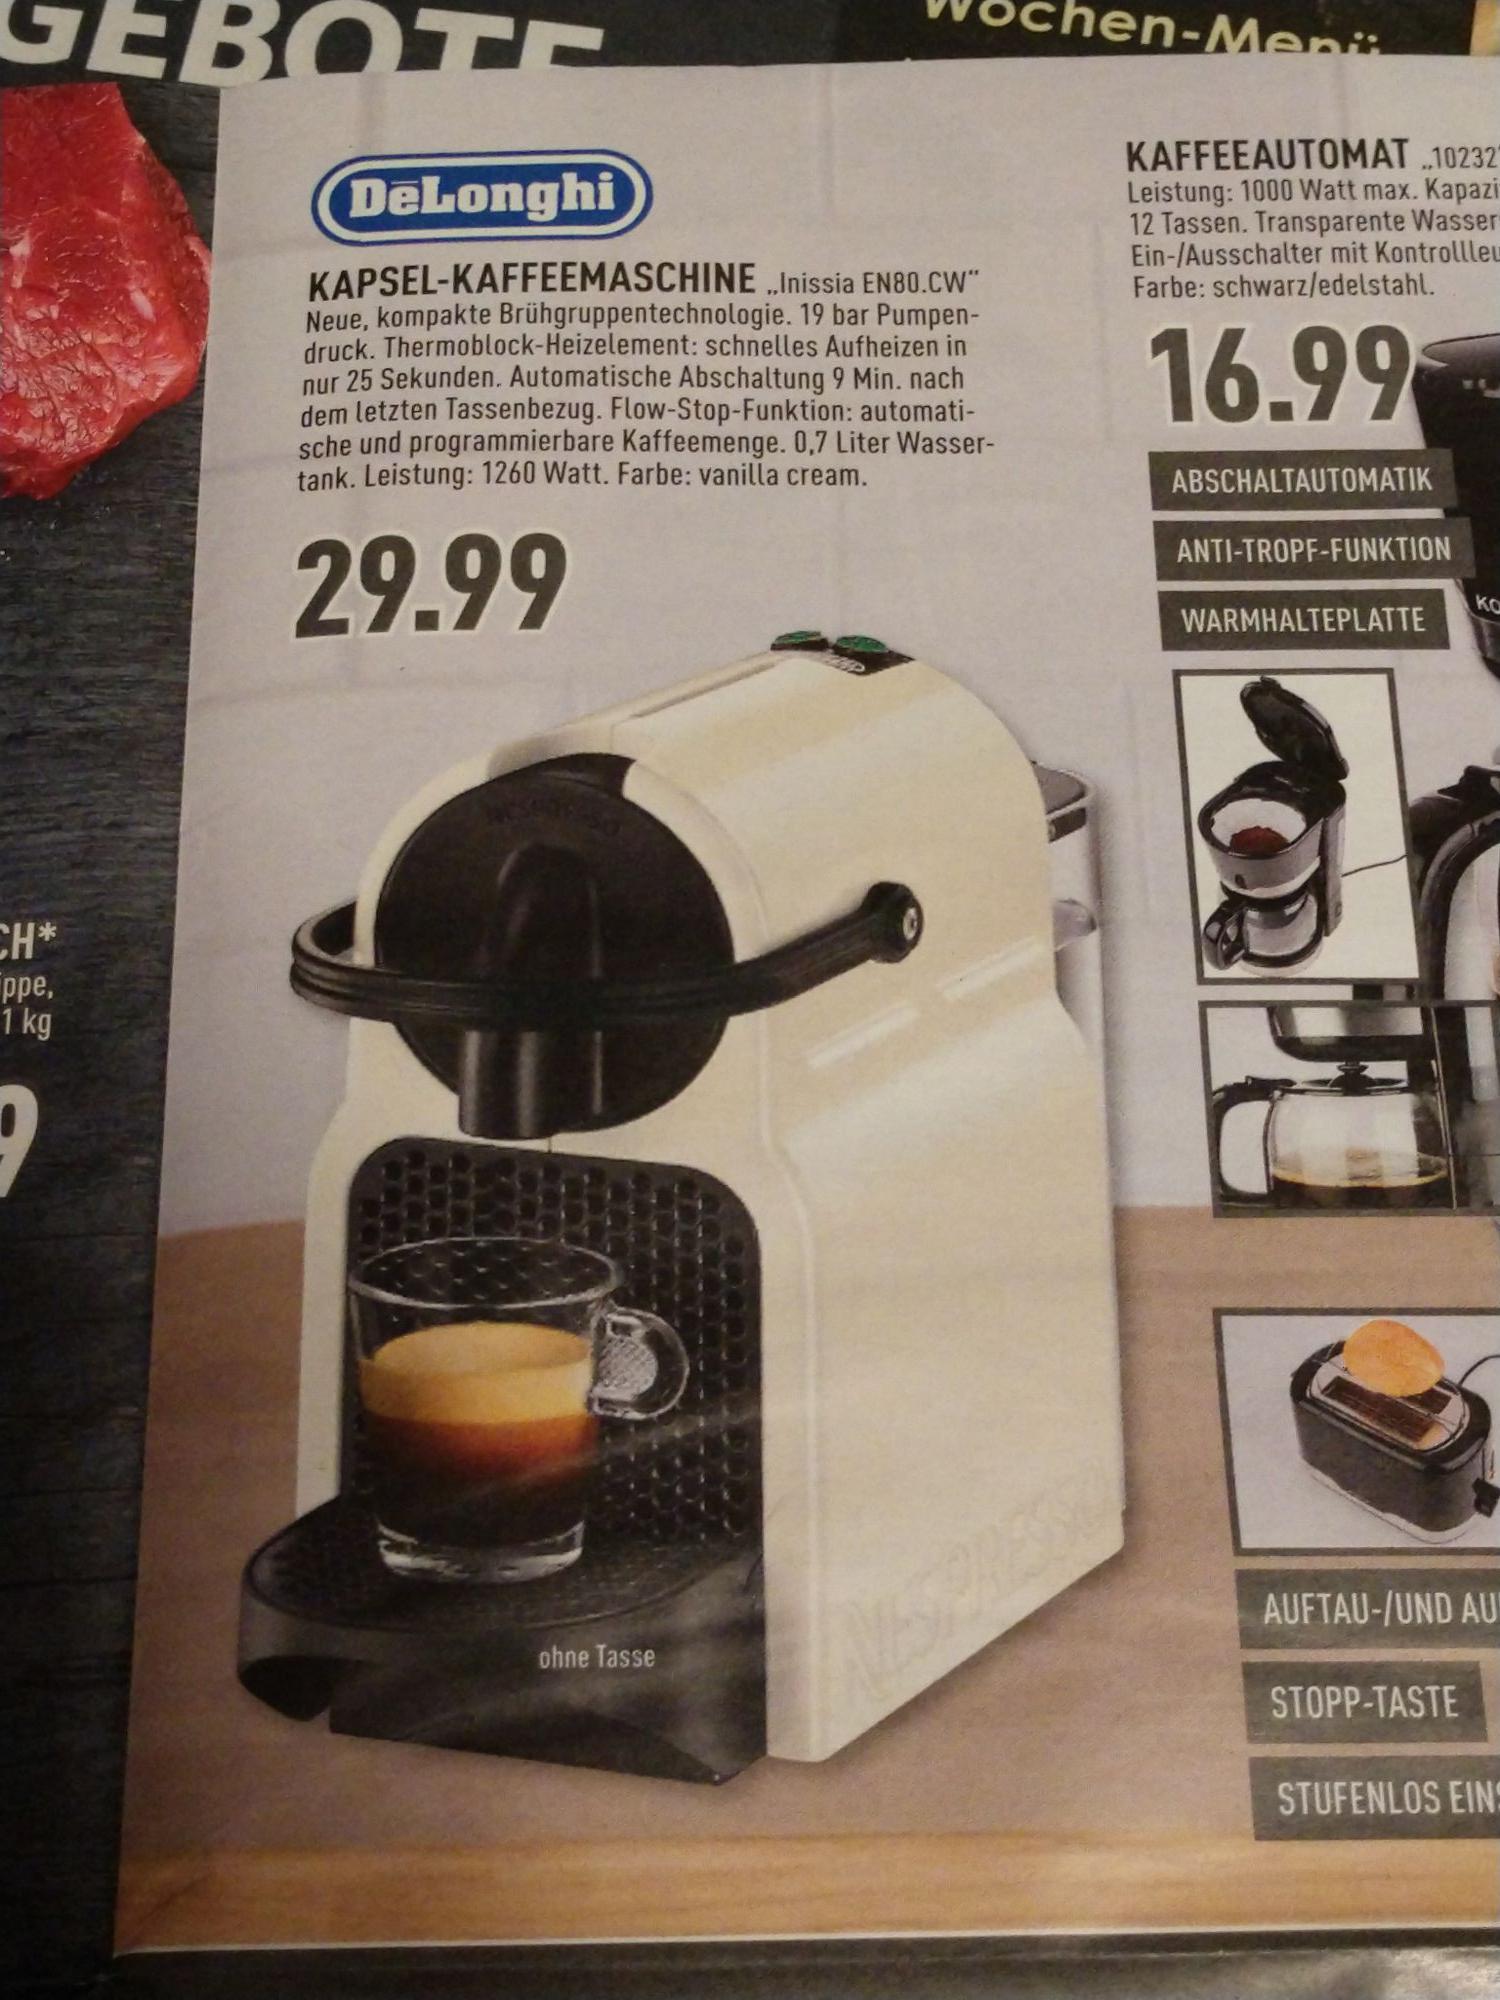 (Lokal Marktkauf Bielefeld, Gütersloh) Nespresso DeLonghi Inissia EN80.CW